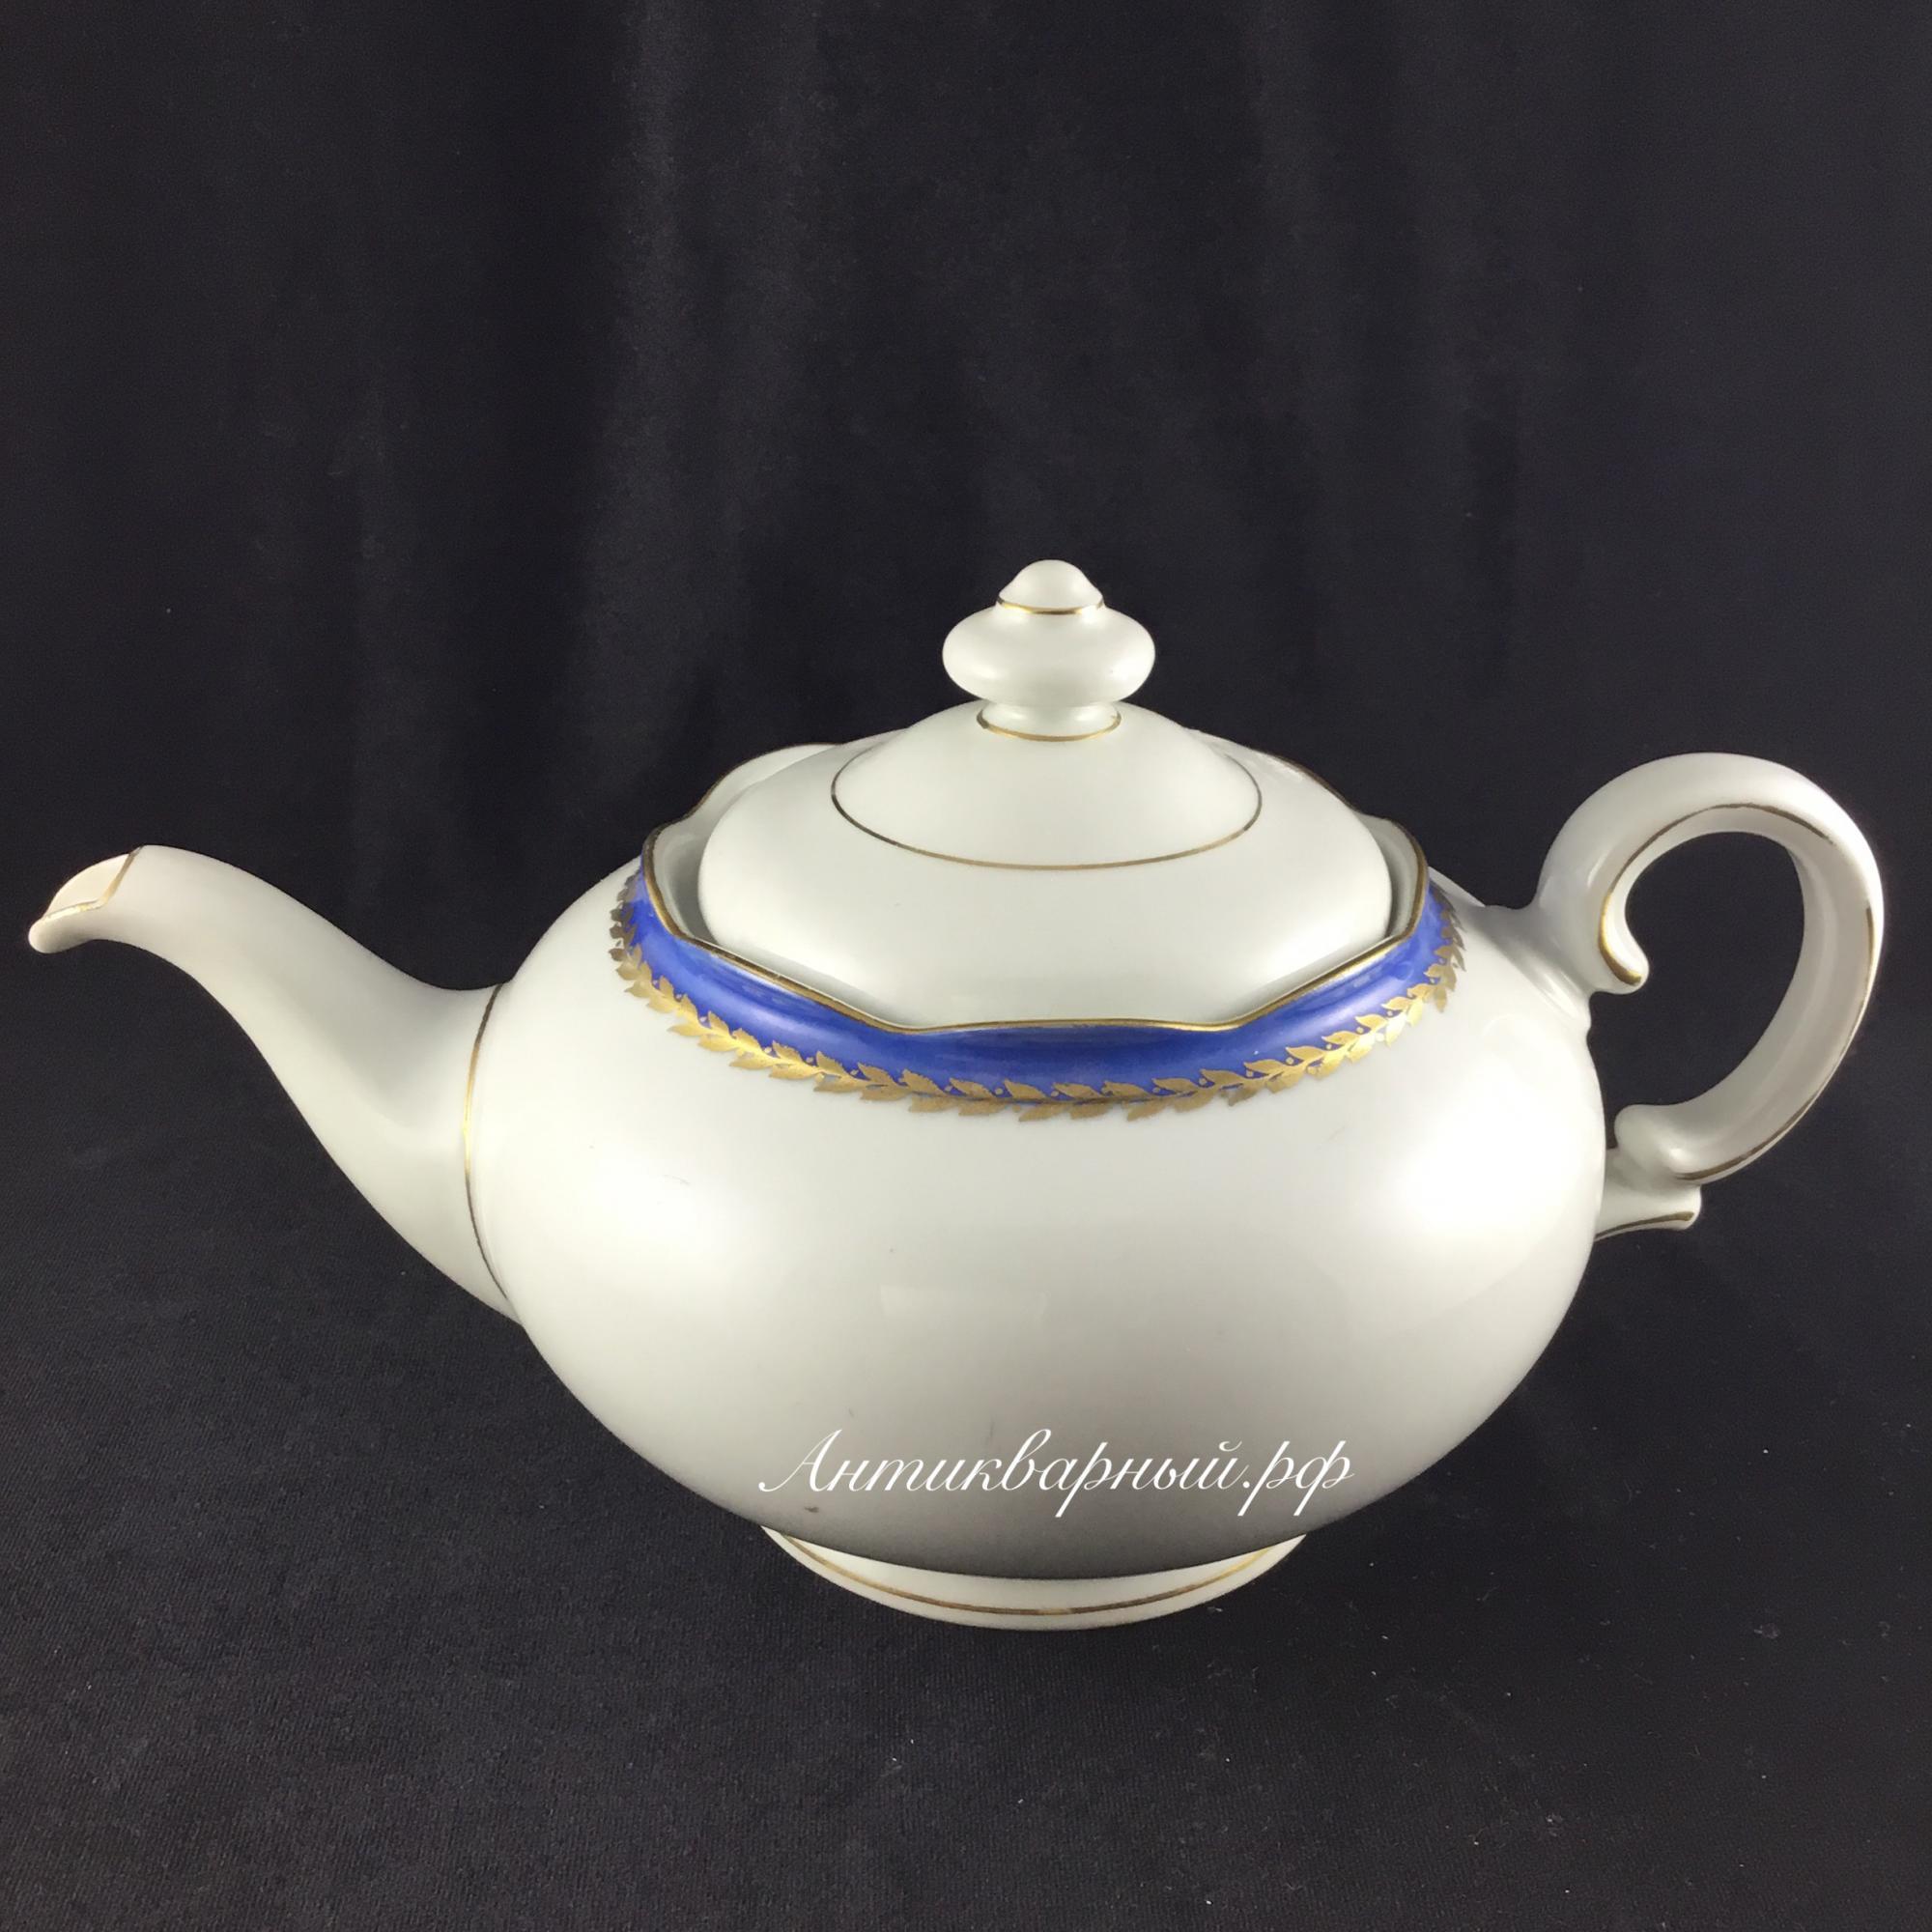 Чайник заварочный белый с синей полоской.KPM